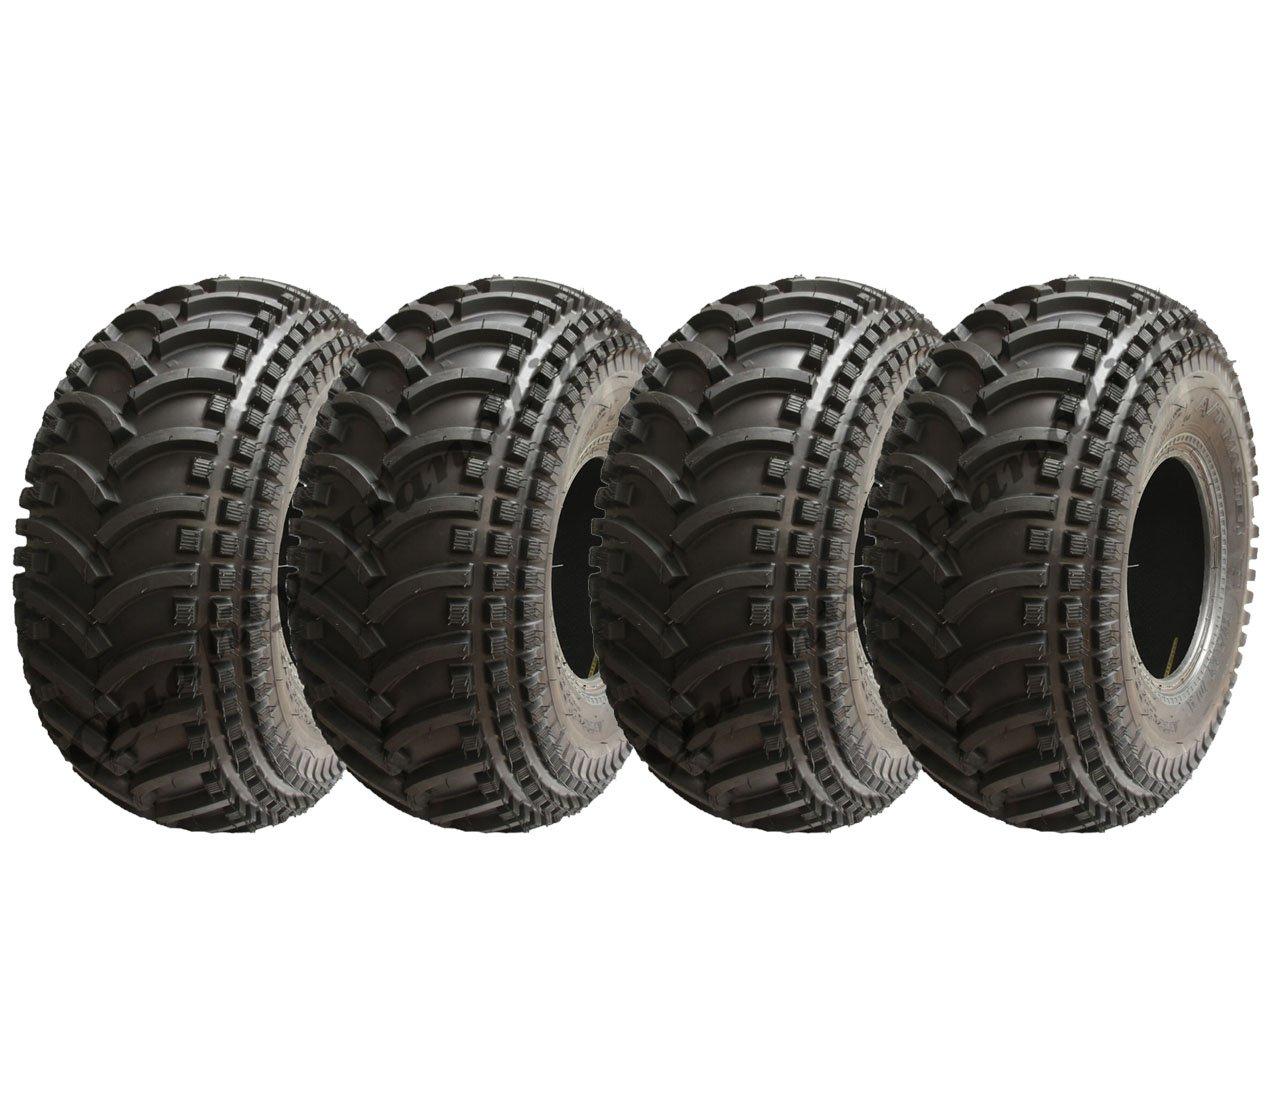 4pcs: 22x11.00-8 quad Reifen, 22 11 8 ATV Reifen Wanda P308 E markiert